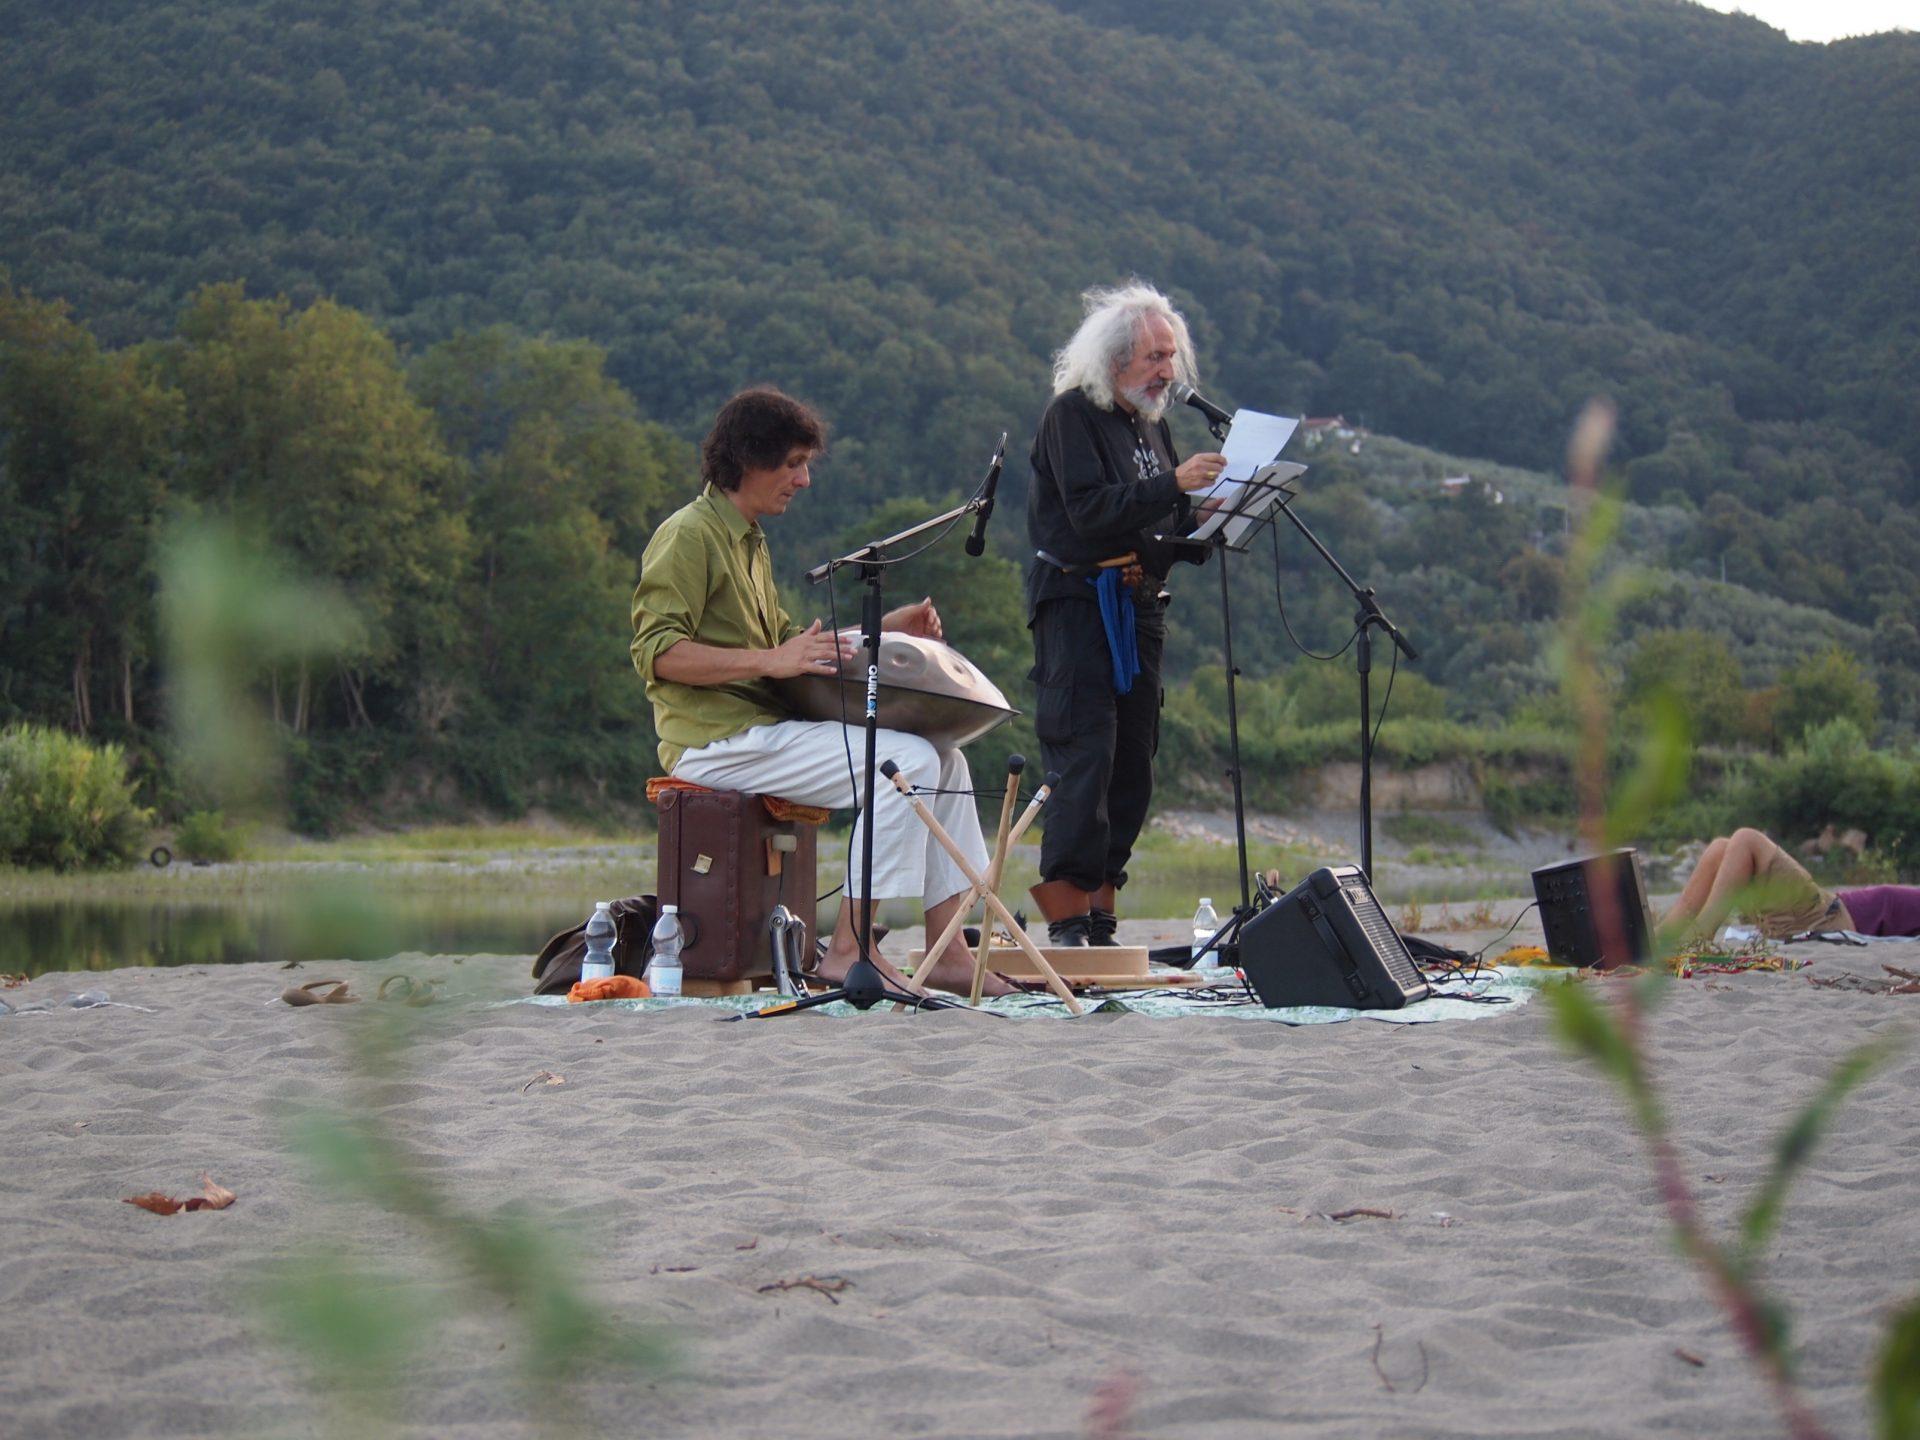 MUSICHE E LETTURE NEL GRETO DEL FIUME MAGRA